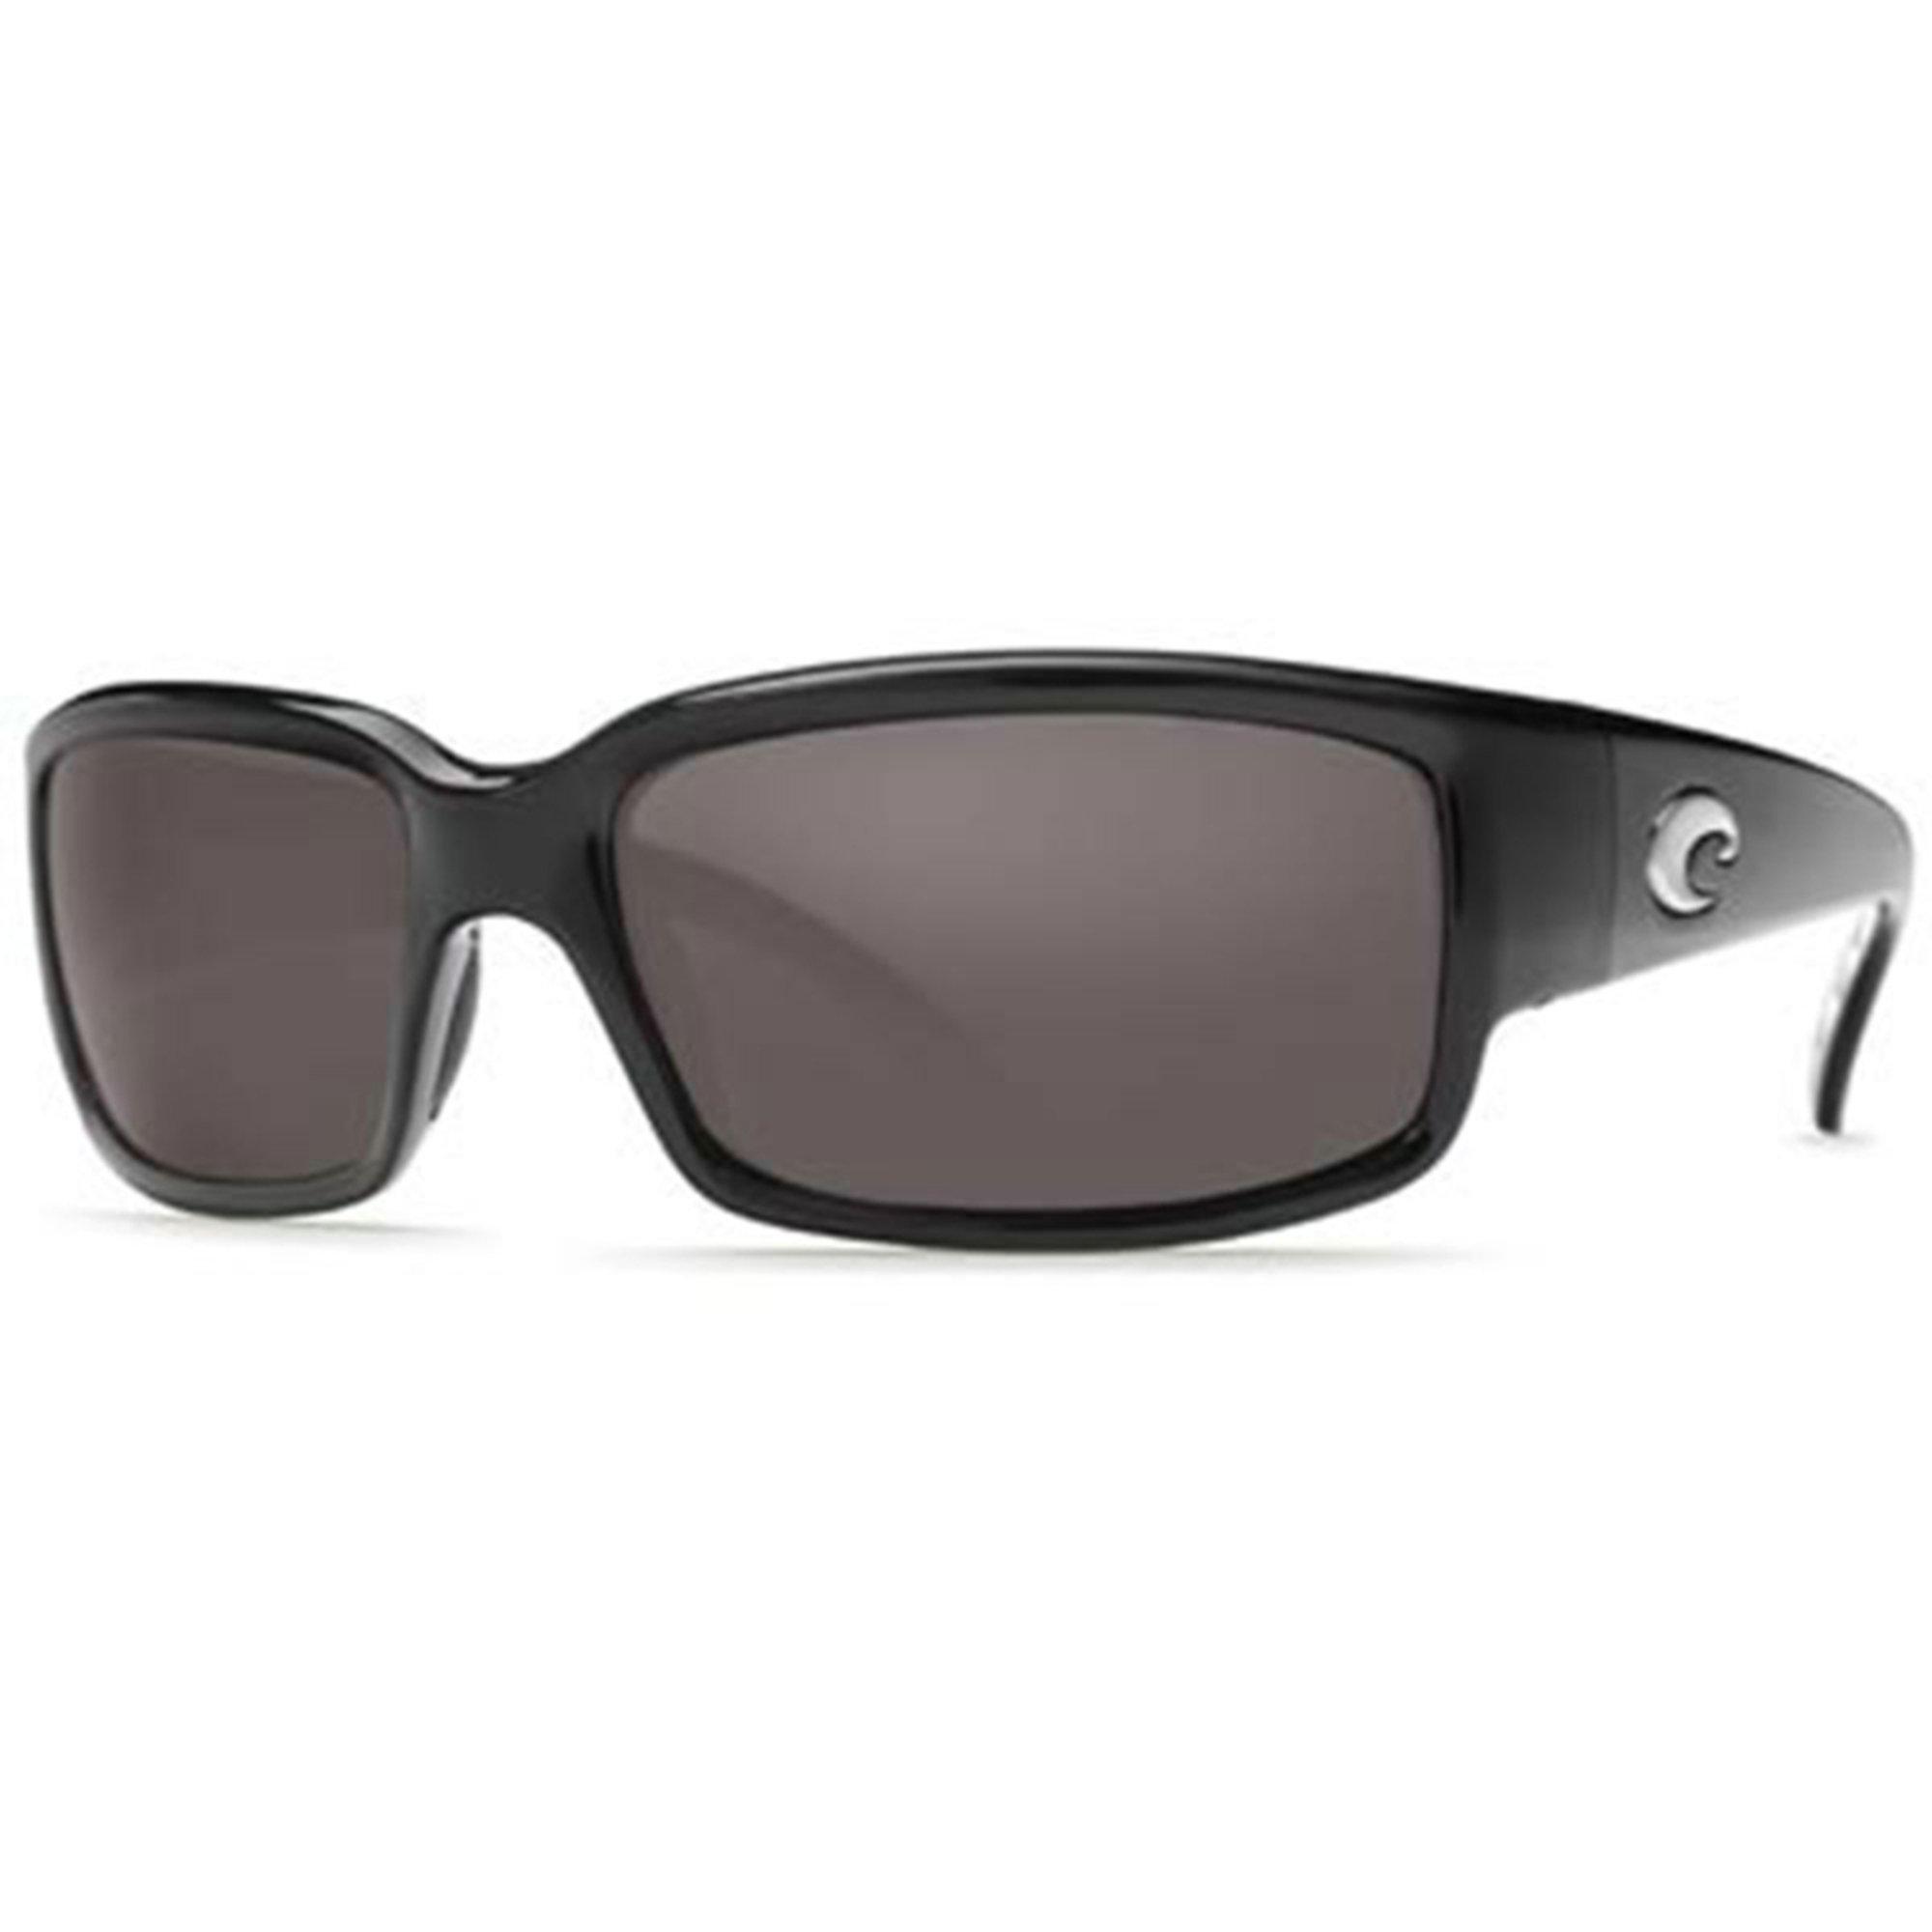 86cd8472ed4 Costa del Mar. Costa Del Mar Unisex Caballito Shiny Black Frame Polarized  Sunglasses ...